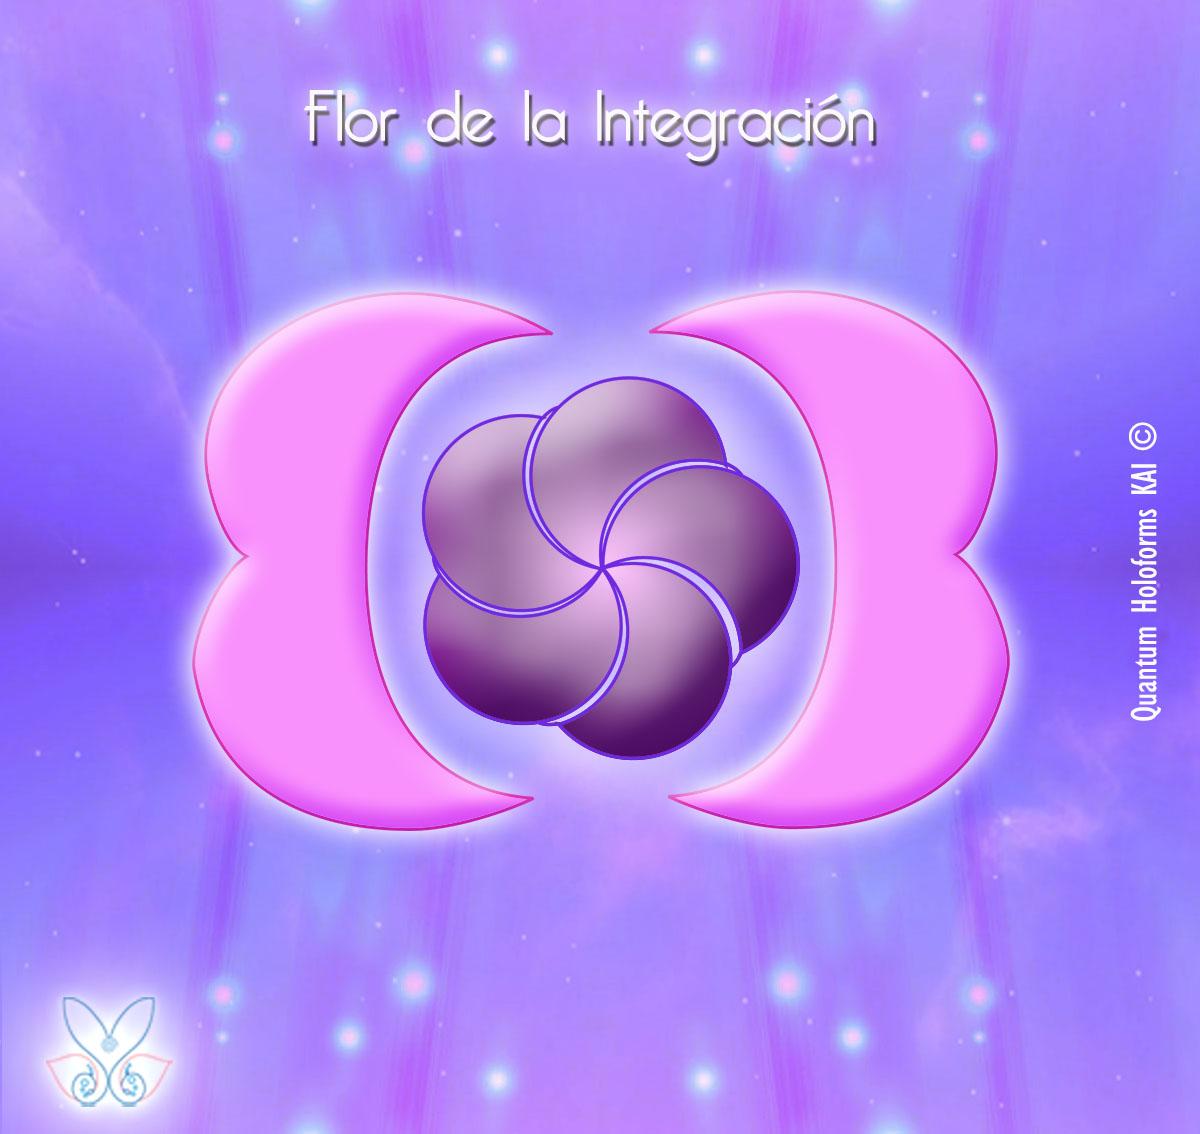 Flor de la Integración , Códigos Antares, unicornios y pegasos